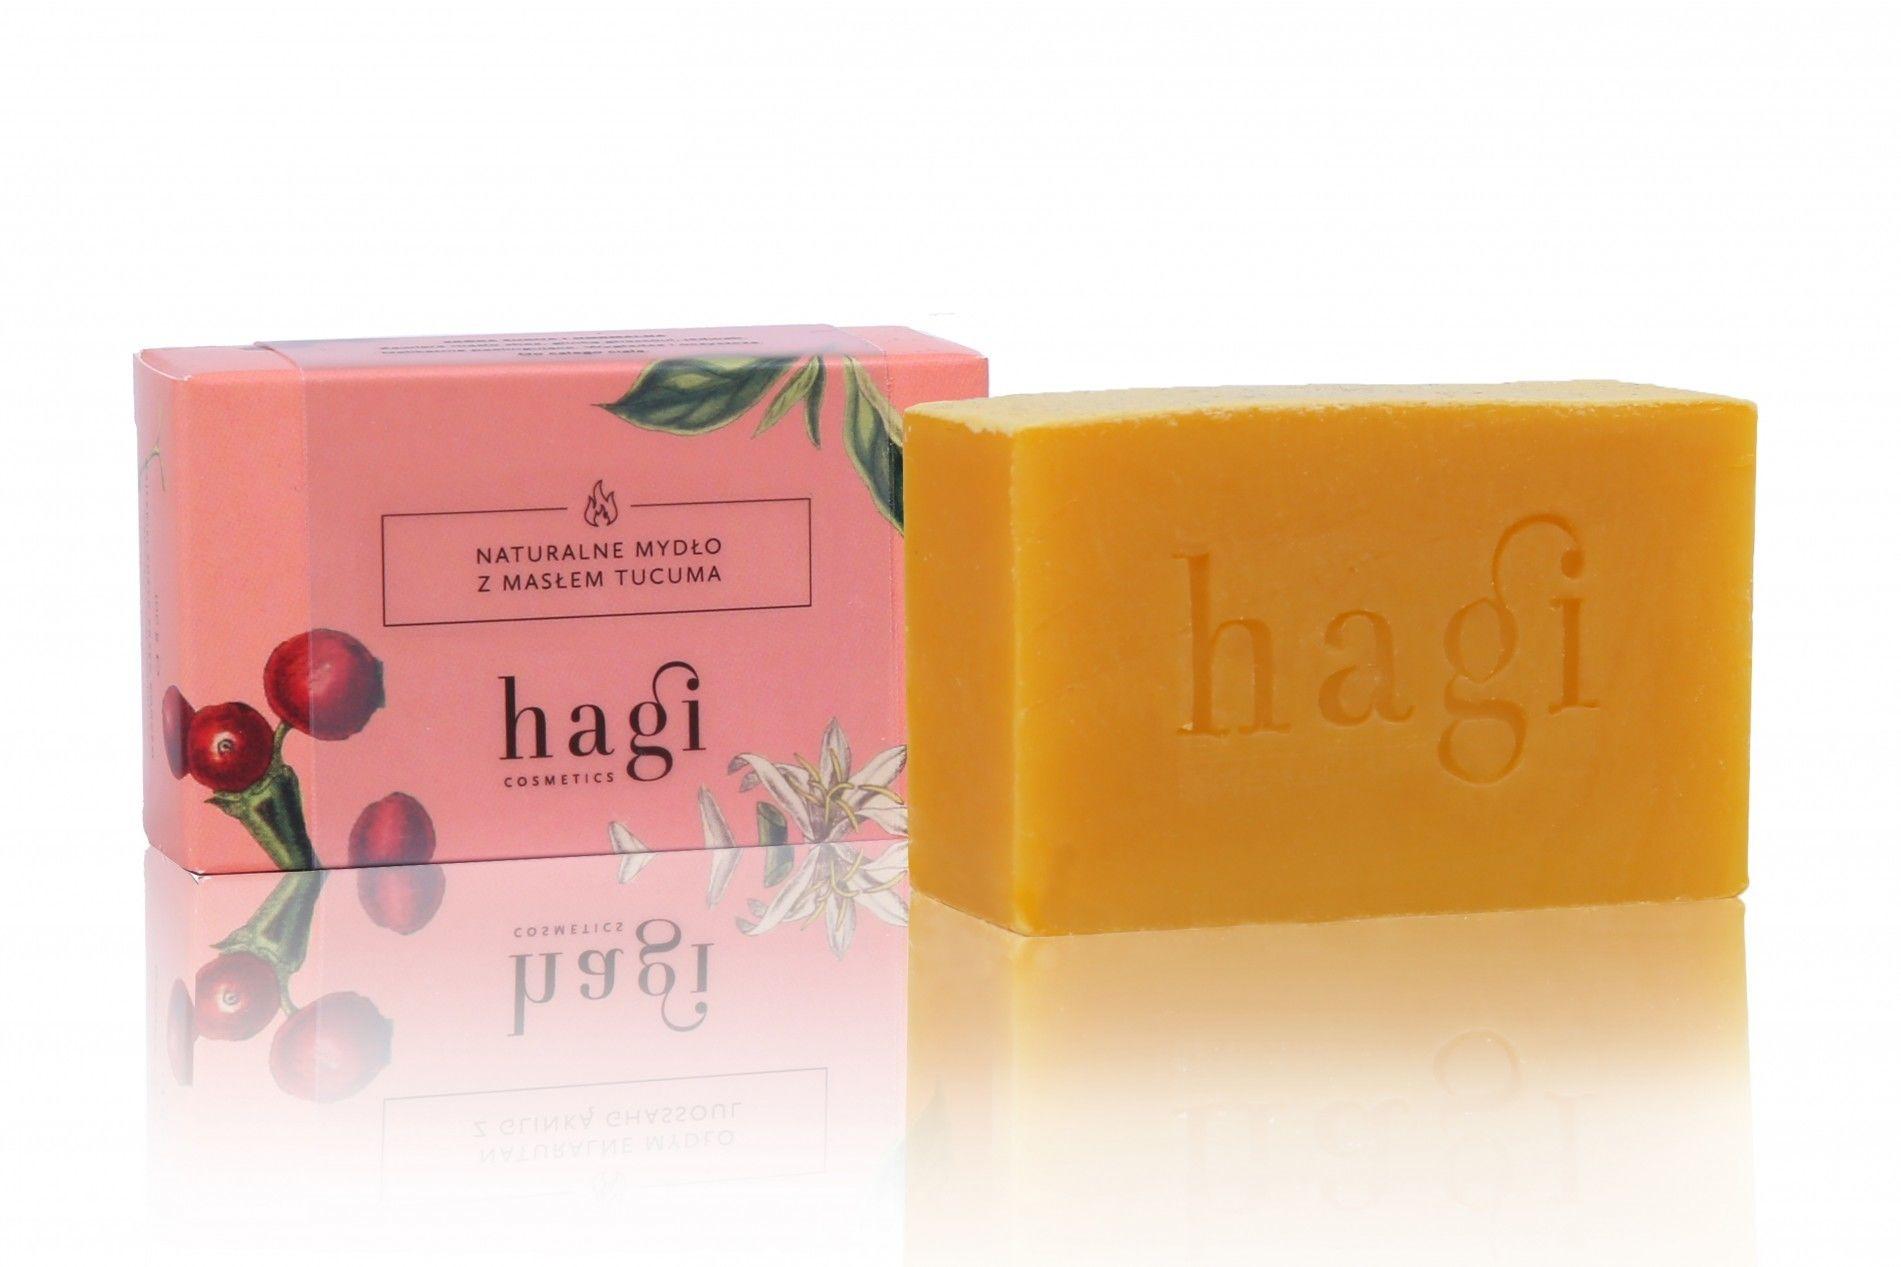 Naturalne mydło z masłem tucuma 100g HAGI